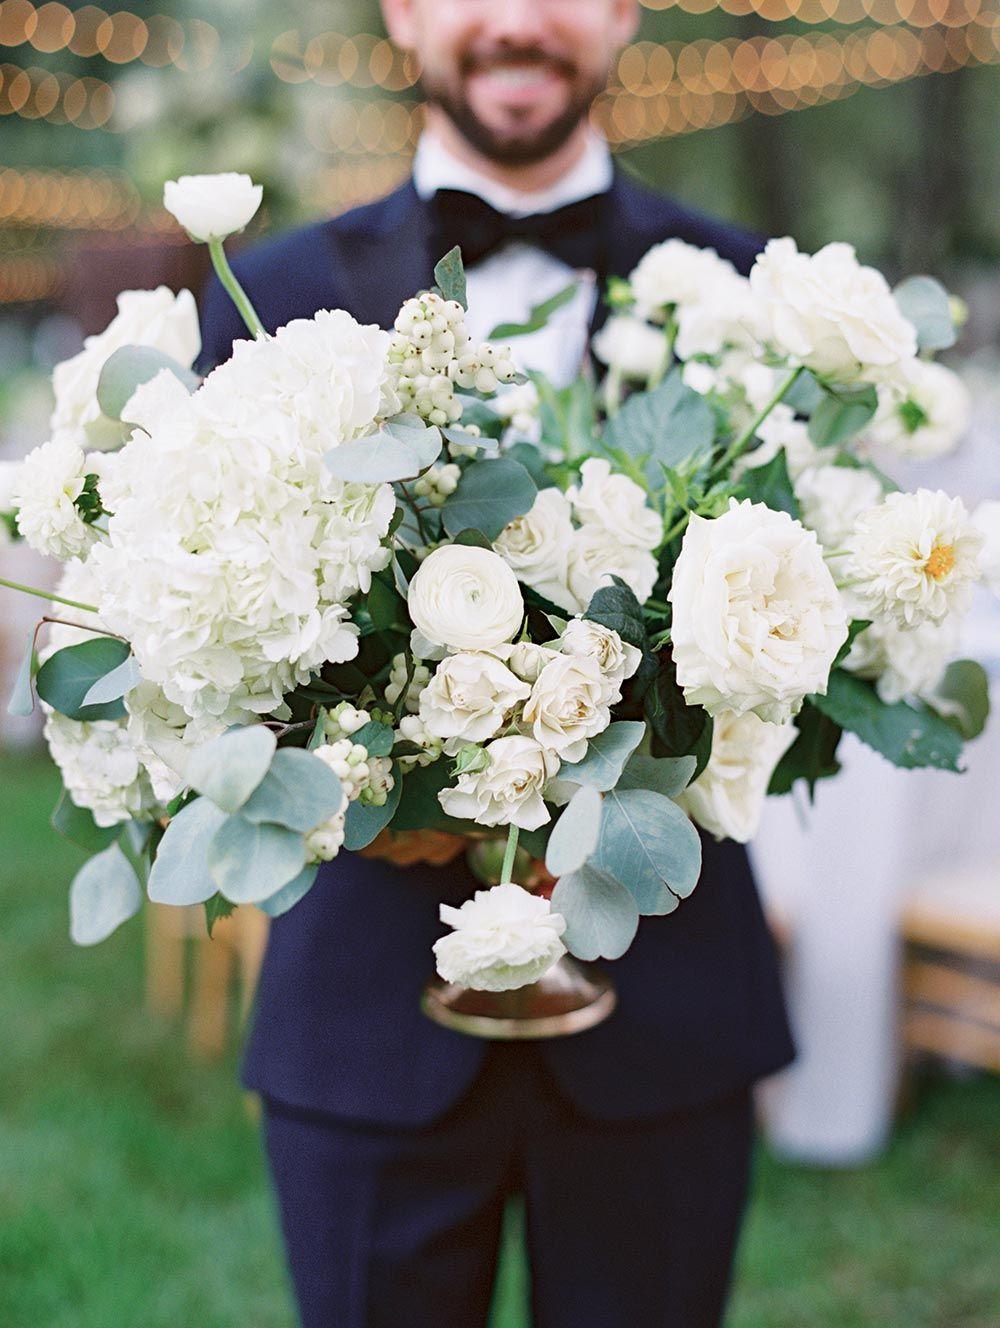 Hortensie Garten Rose Ranunkel Und Eukalyptus Hochzeit Herzstuck Eukalyptus Hochzeit Blumenstrauss Hochzeit Tischdekoration Hochzeit